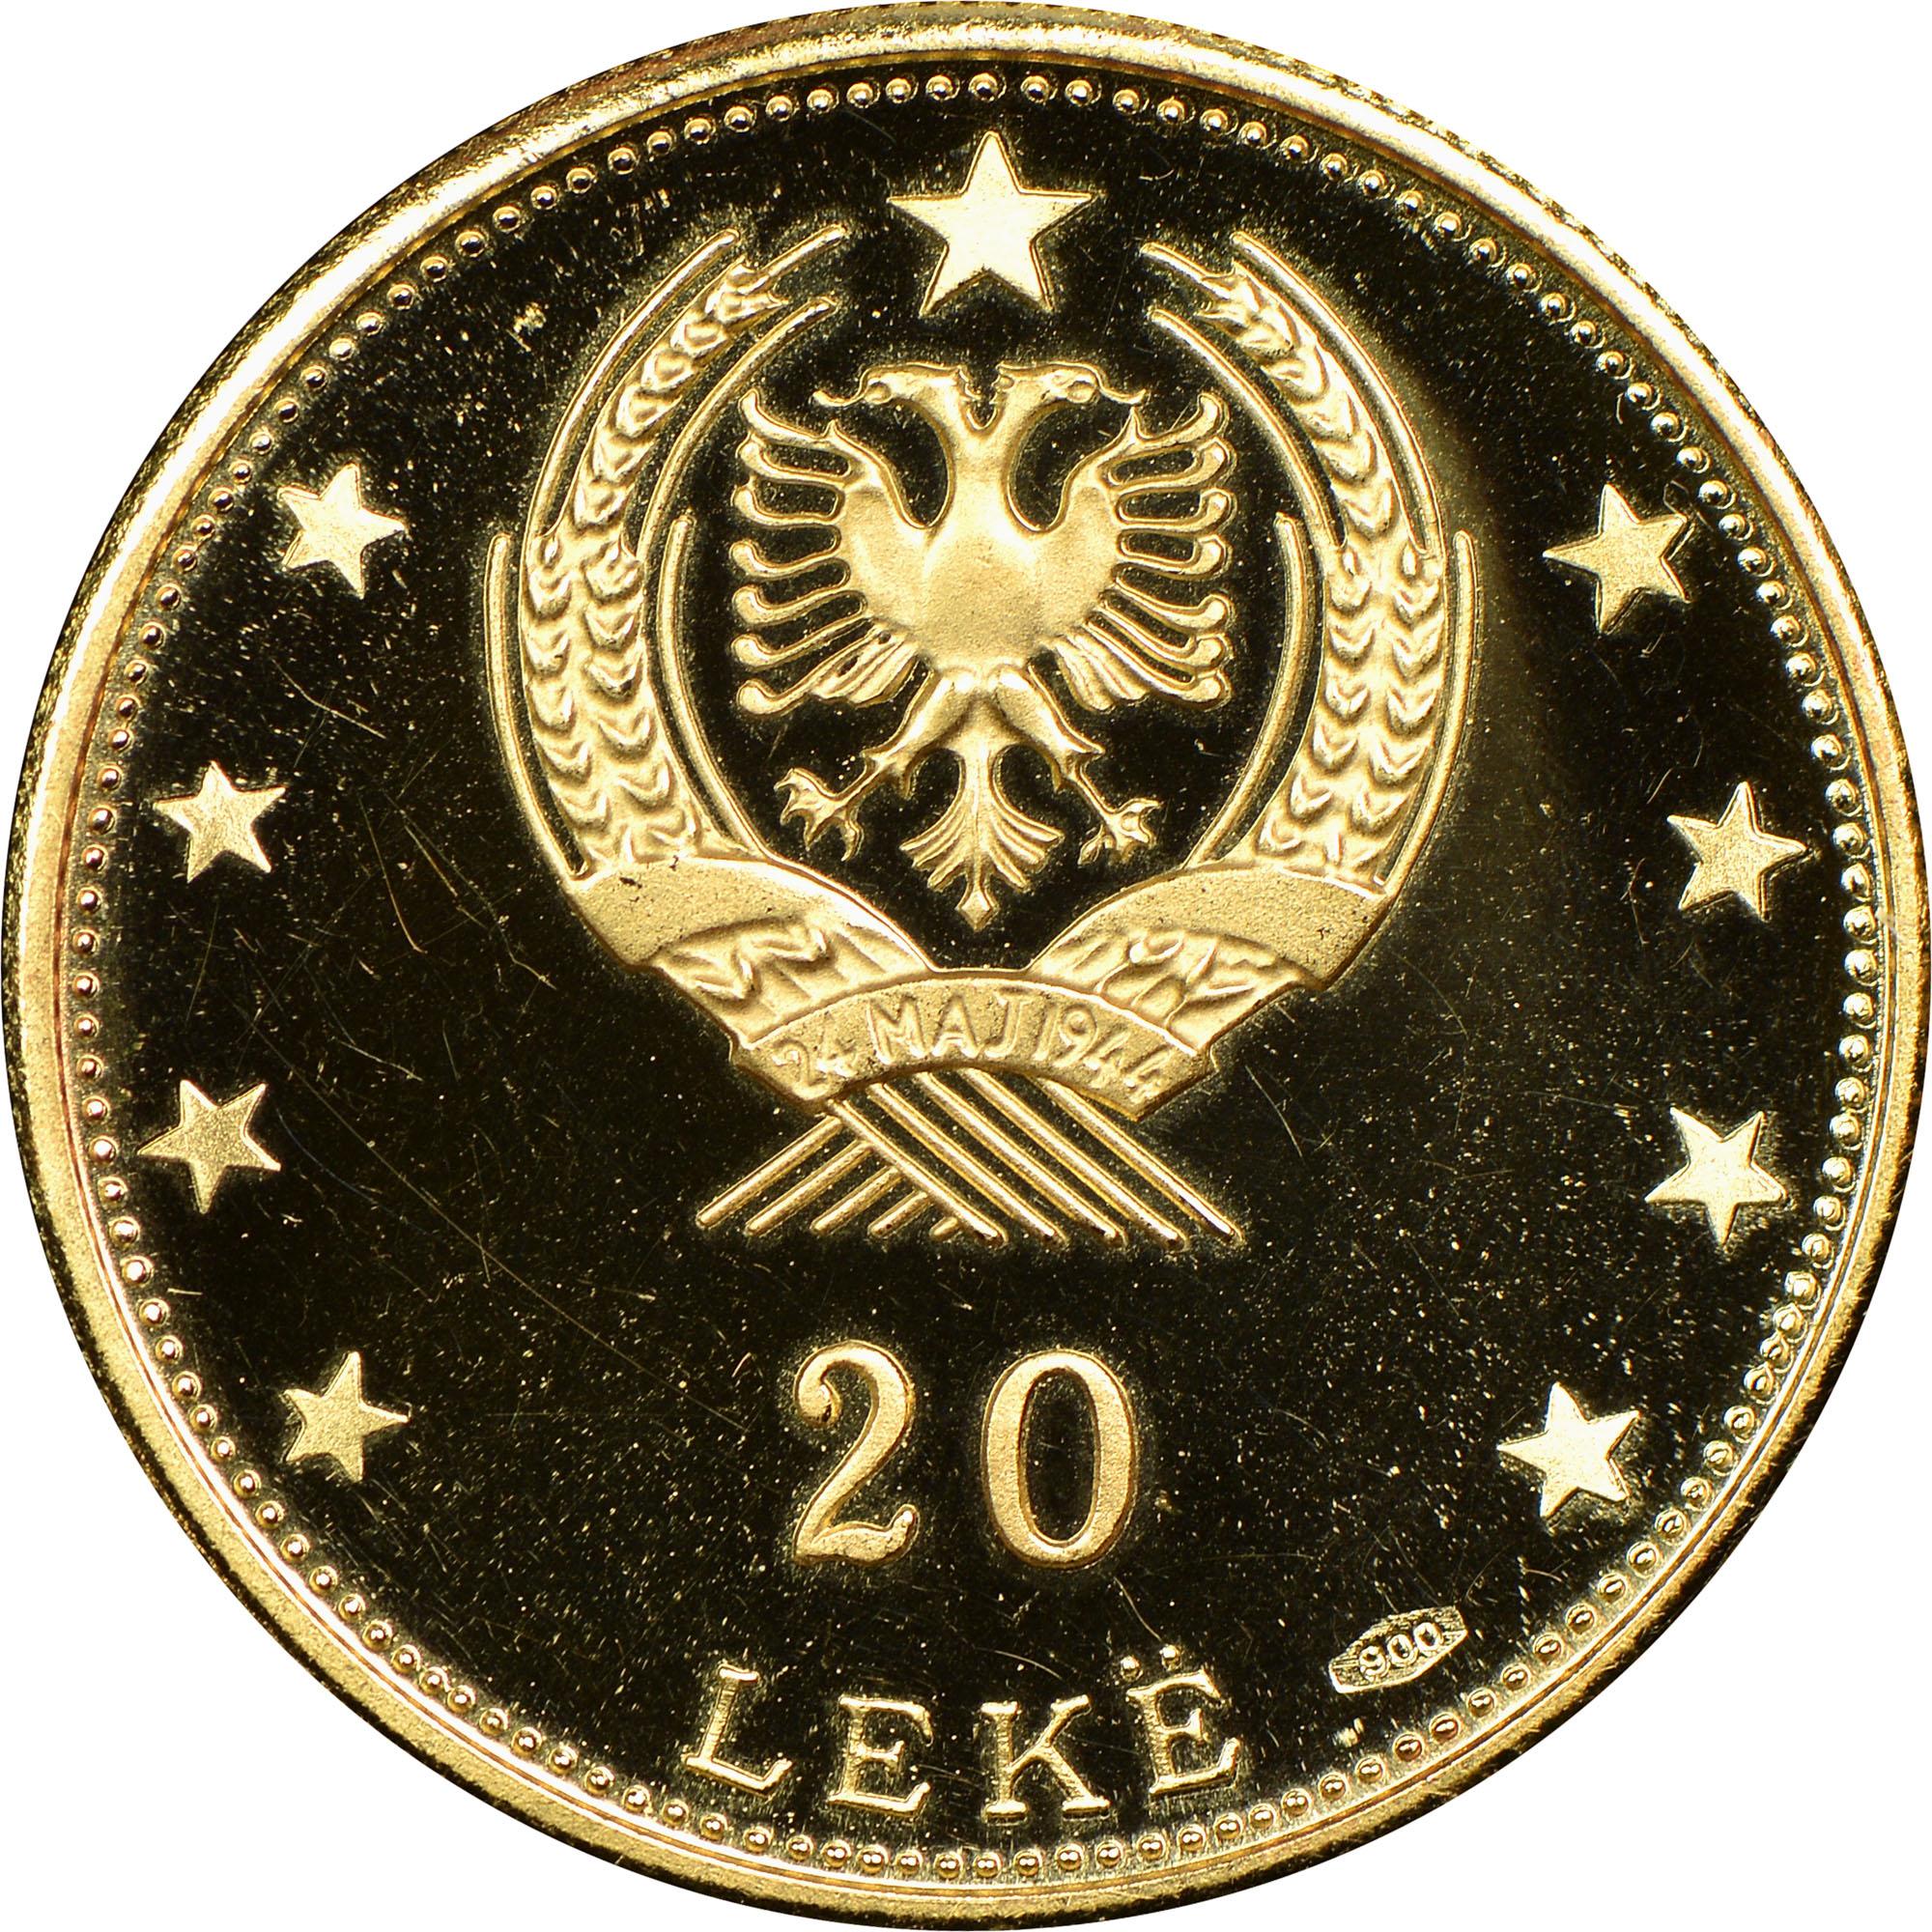 1968 Albania 20 Leke reverse